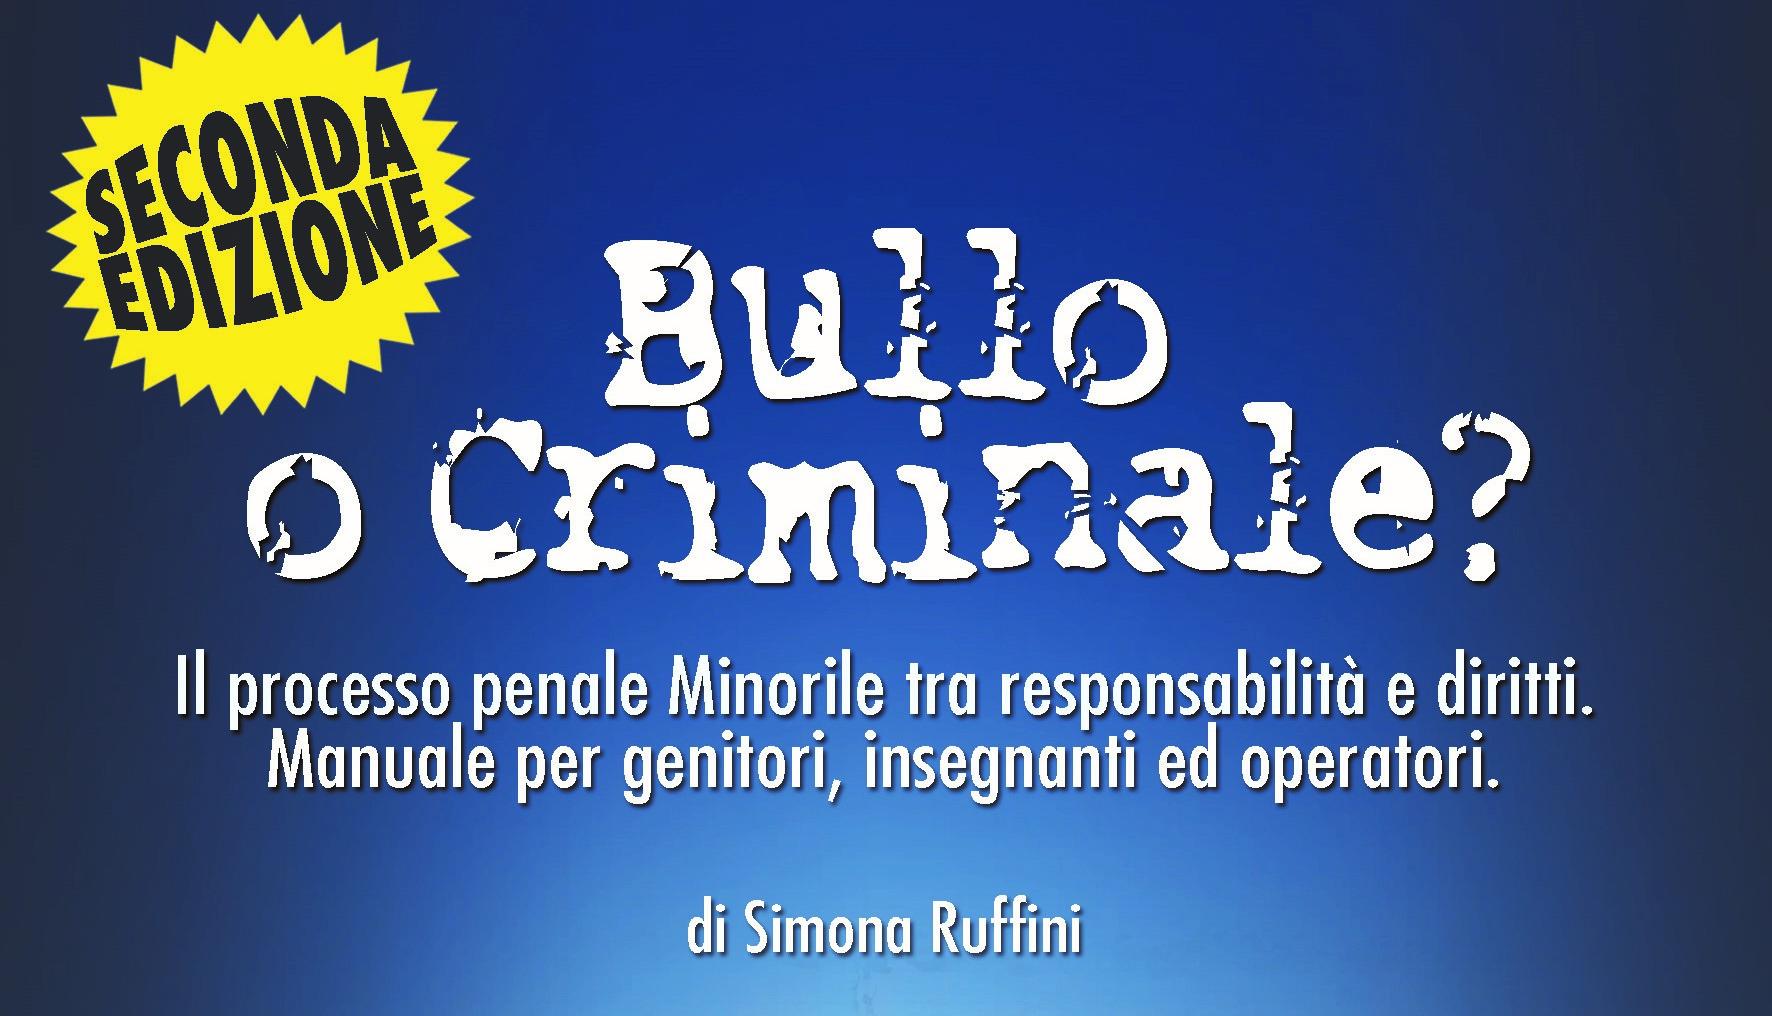 bullo o criminale Simona Ruffini criminologa